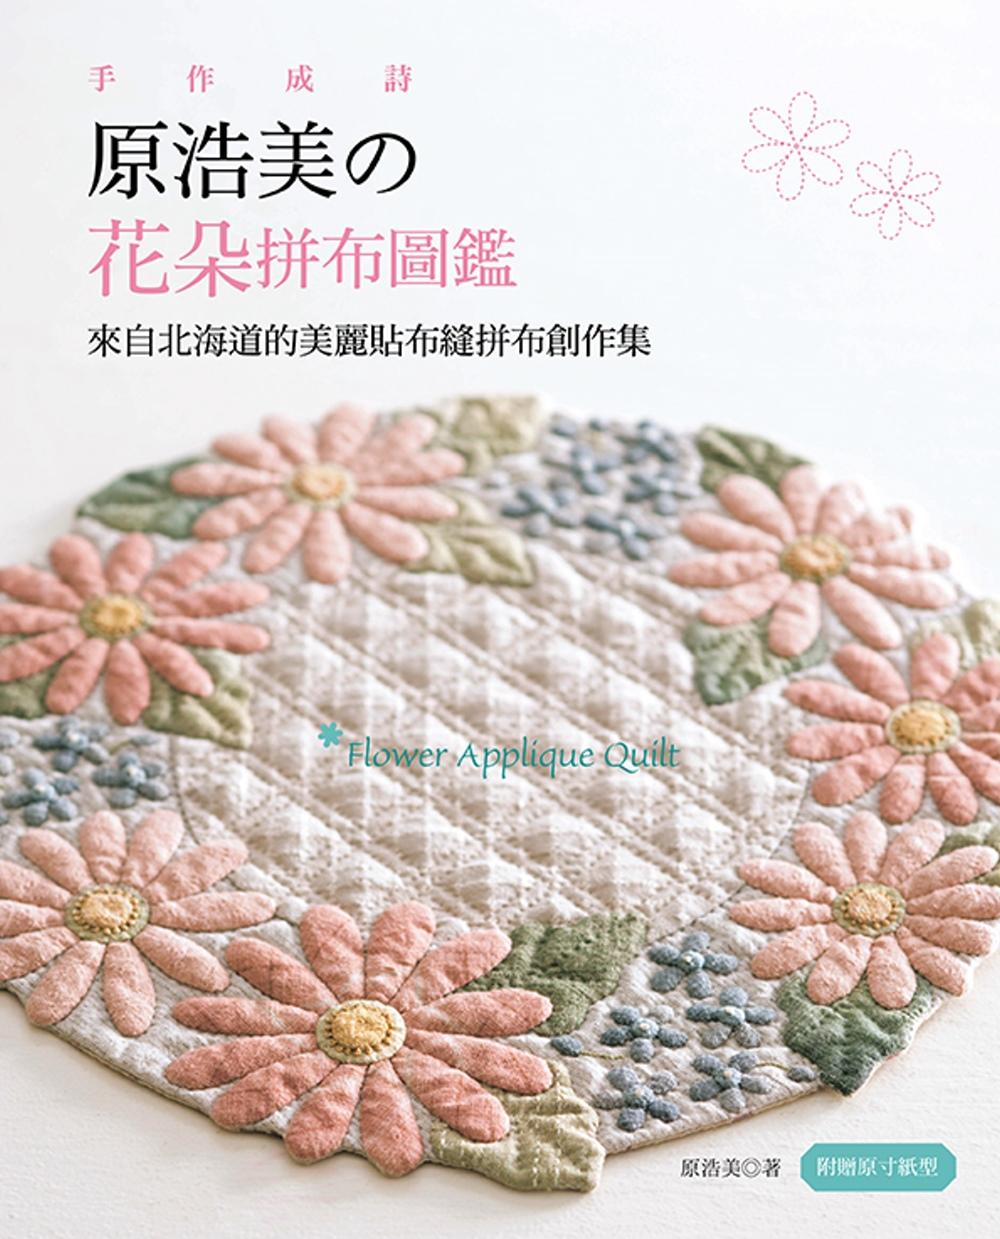 ◤博客來BOOKS◢ 暢銷書榜《推薦》手作成詩,原浩美的花朵拼布圖鑑:來自北海道的美麗貼布縫拼布創作集